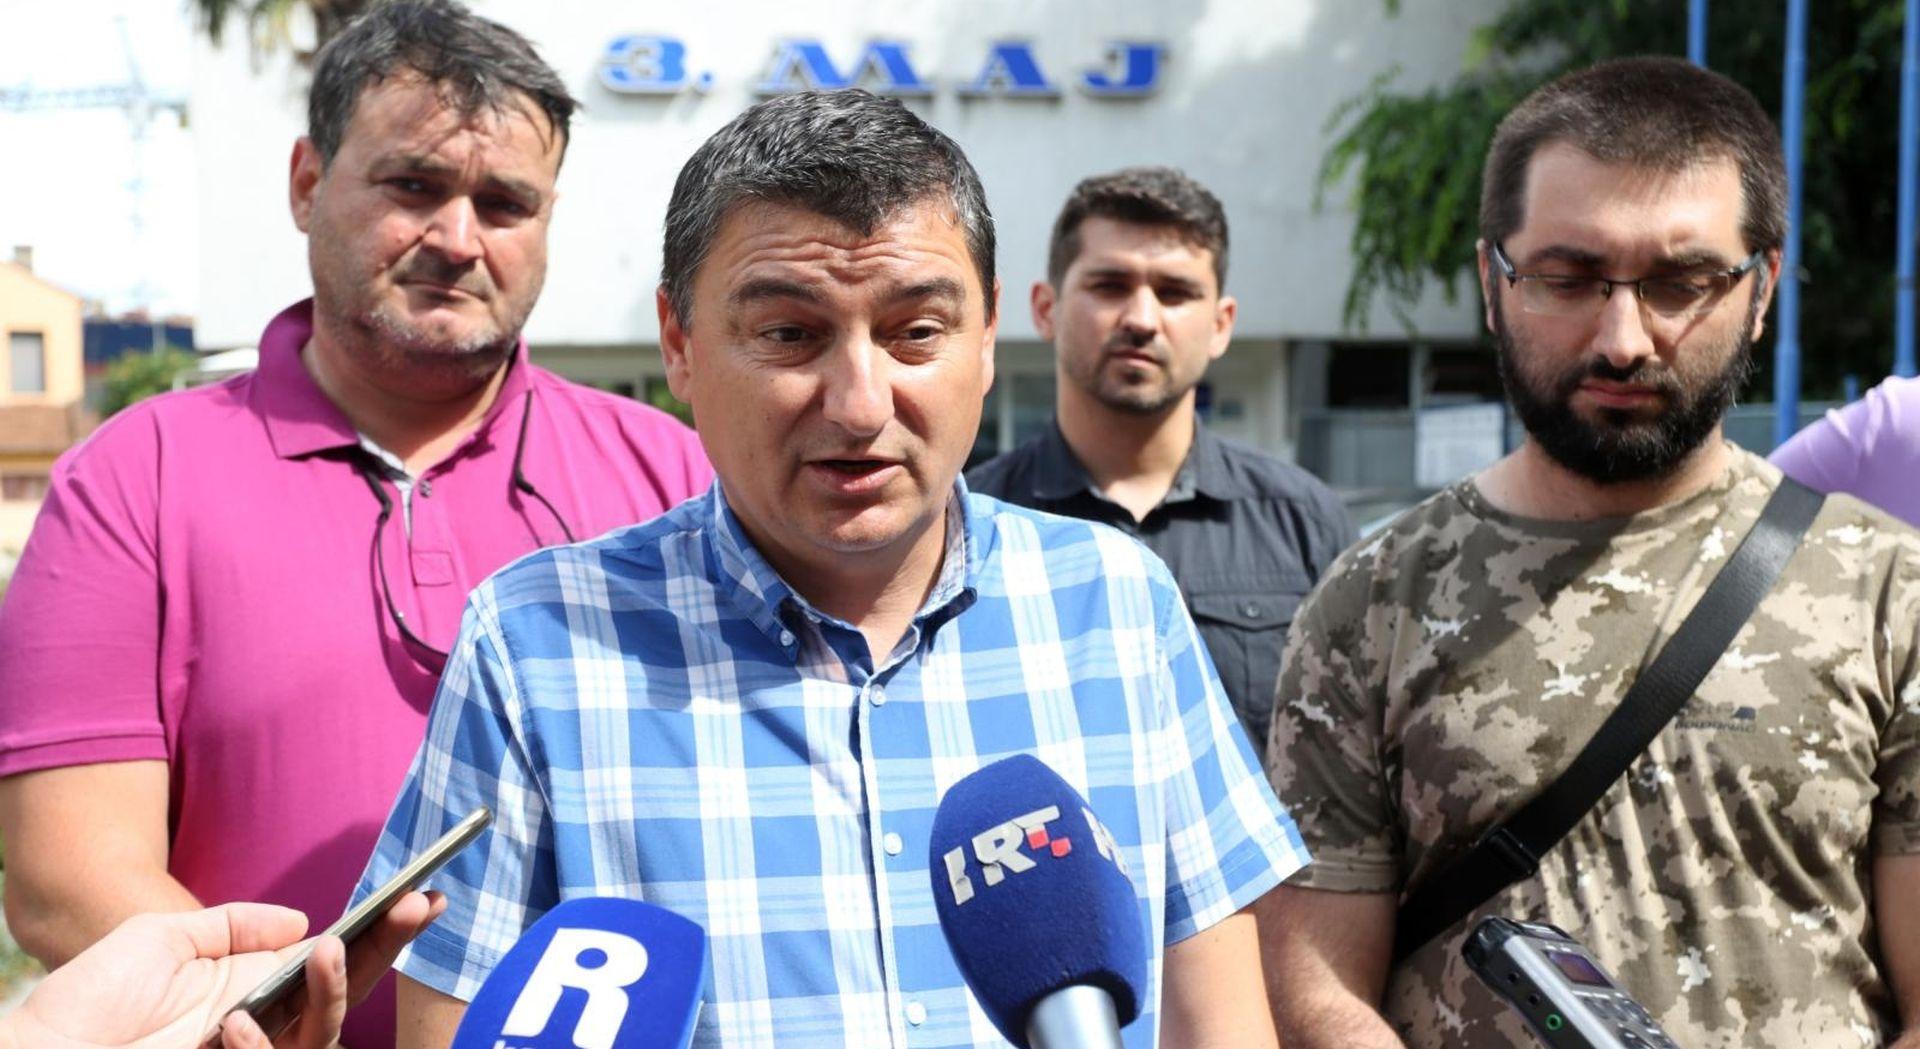 ŠOLJIĆ 'Uprava se nije potrudila zadržati ugovore'